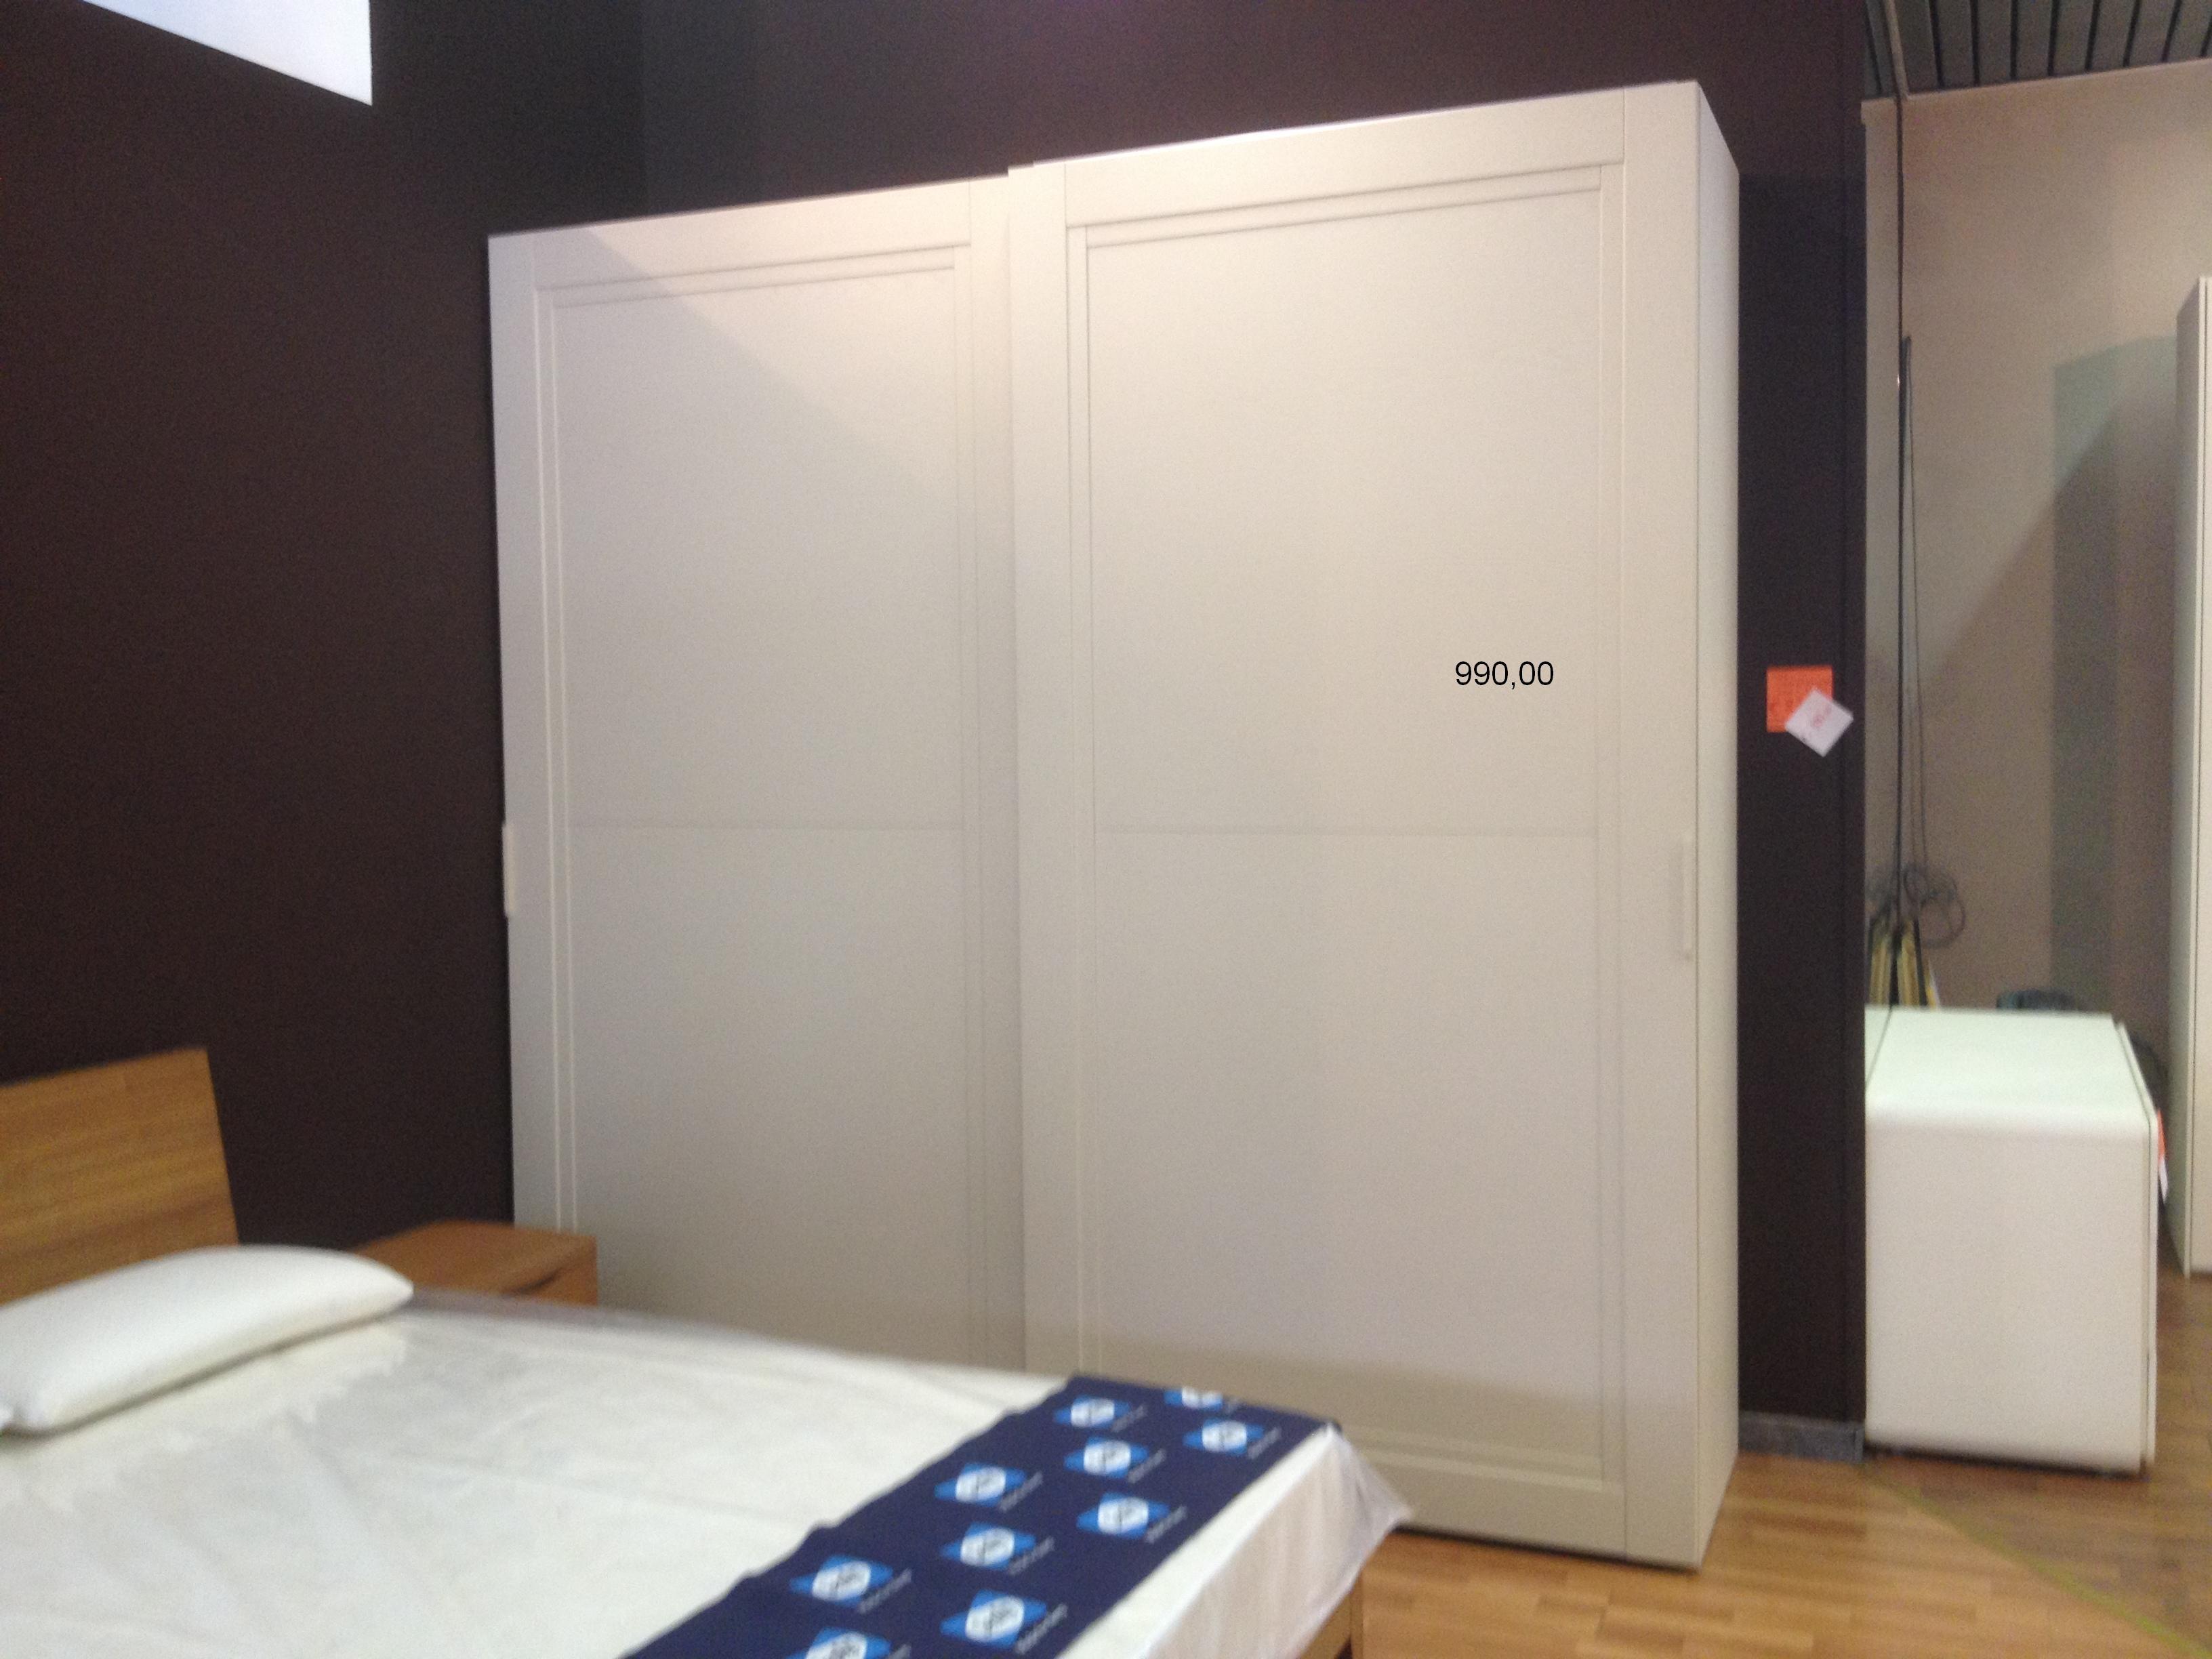 Porte Scorrevoli Prezzi Ikea. Porta Scorrevole Esterno Muro With ...